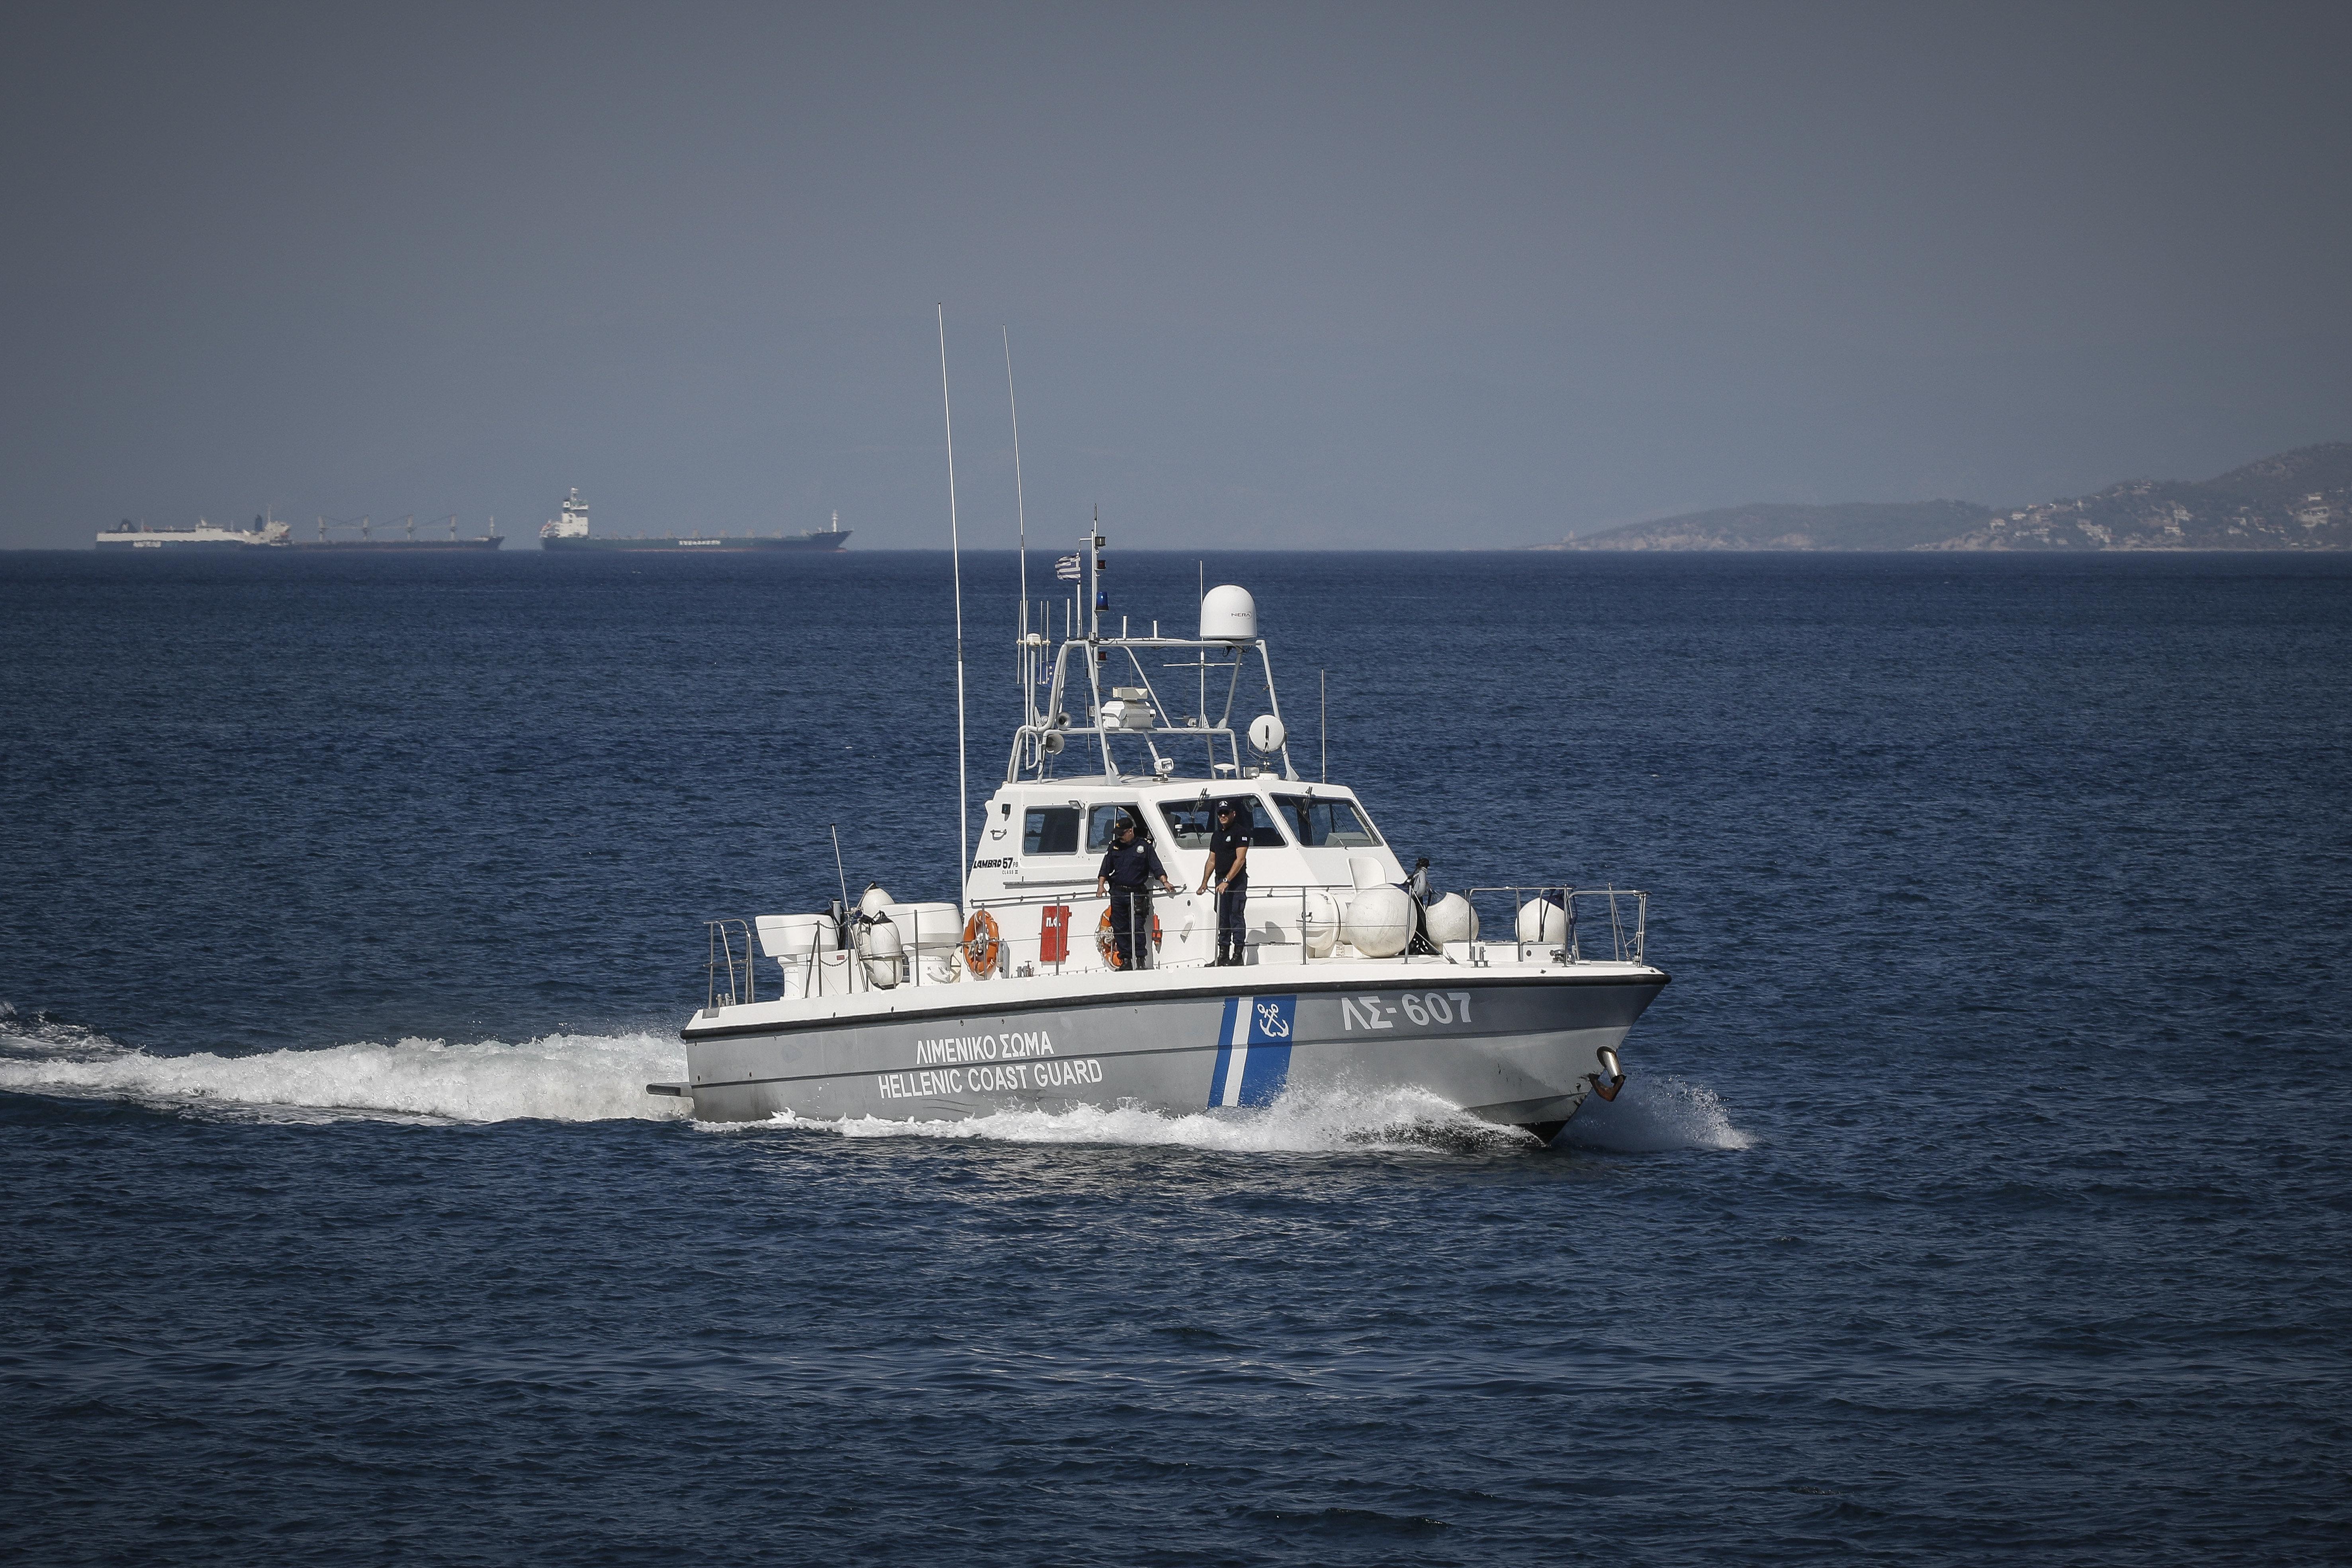 Ζάκυνθος: Βυθίστηκε ιστιοπλοϊκό σκάφος έπειτα από